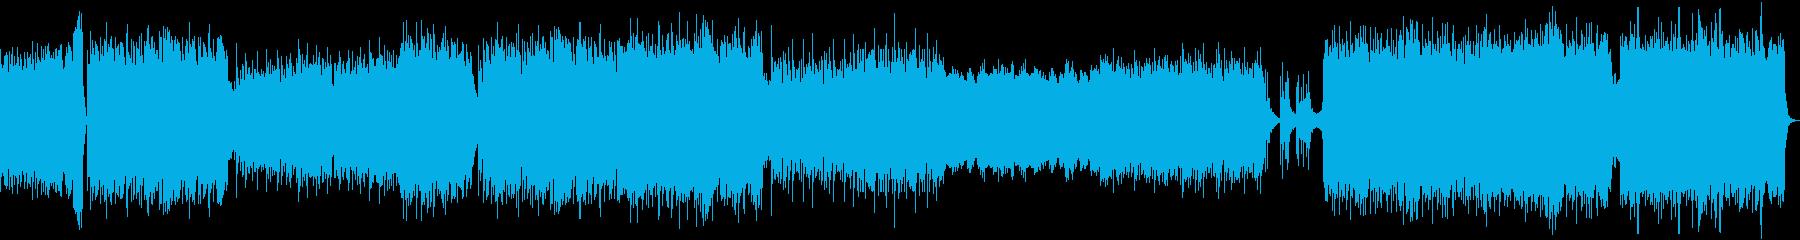 侍ジャズ風の疾走感重視の曲の再生済みの波形